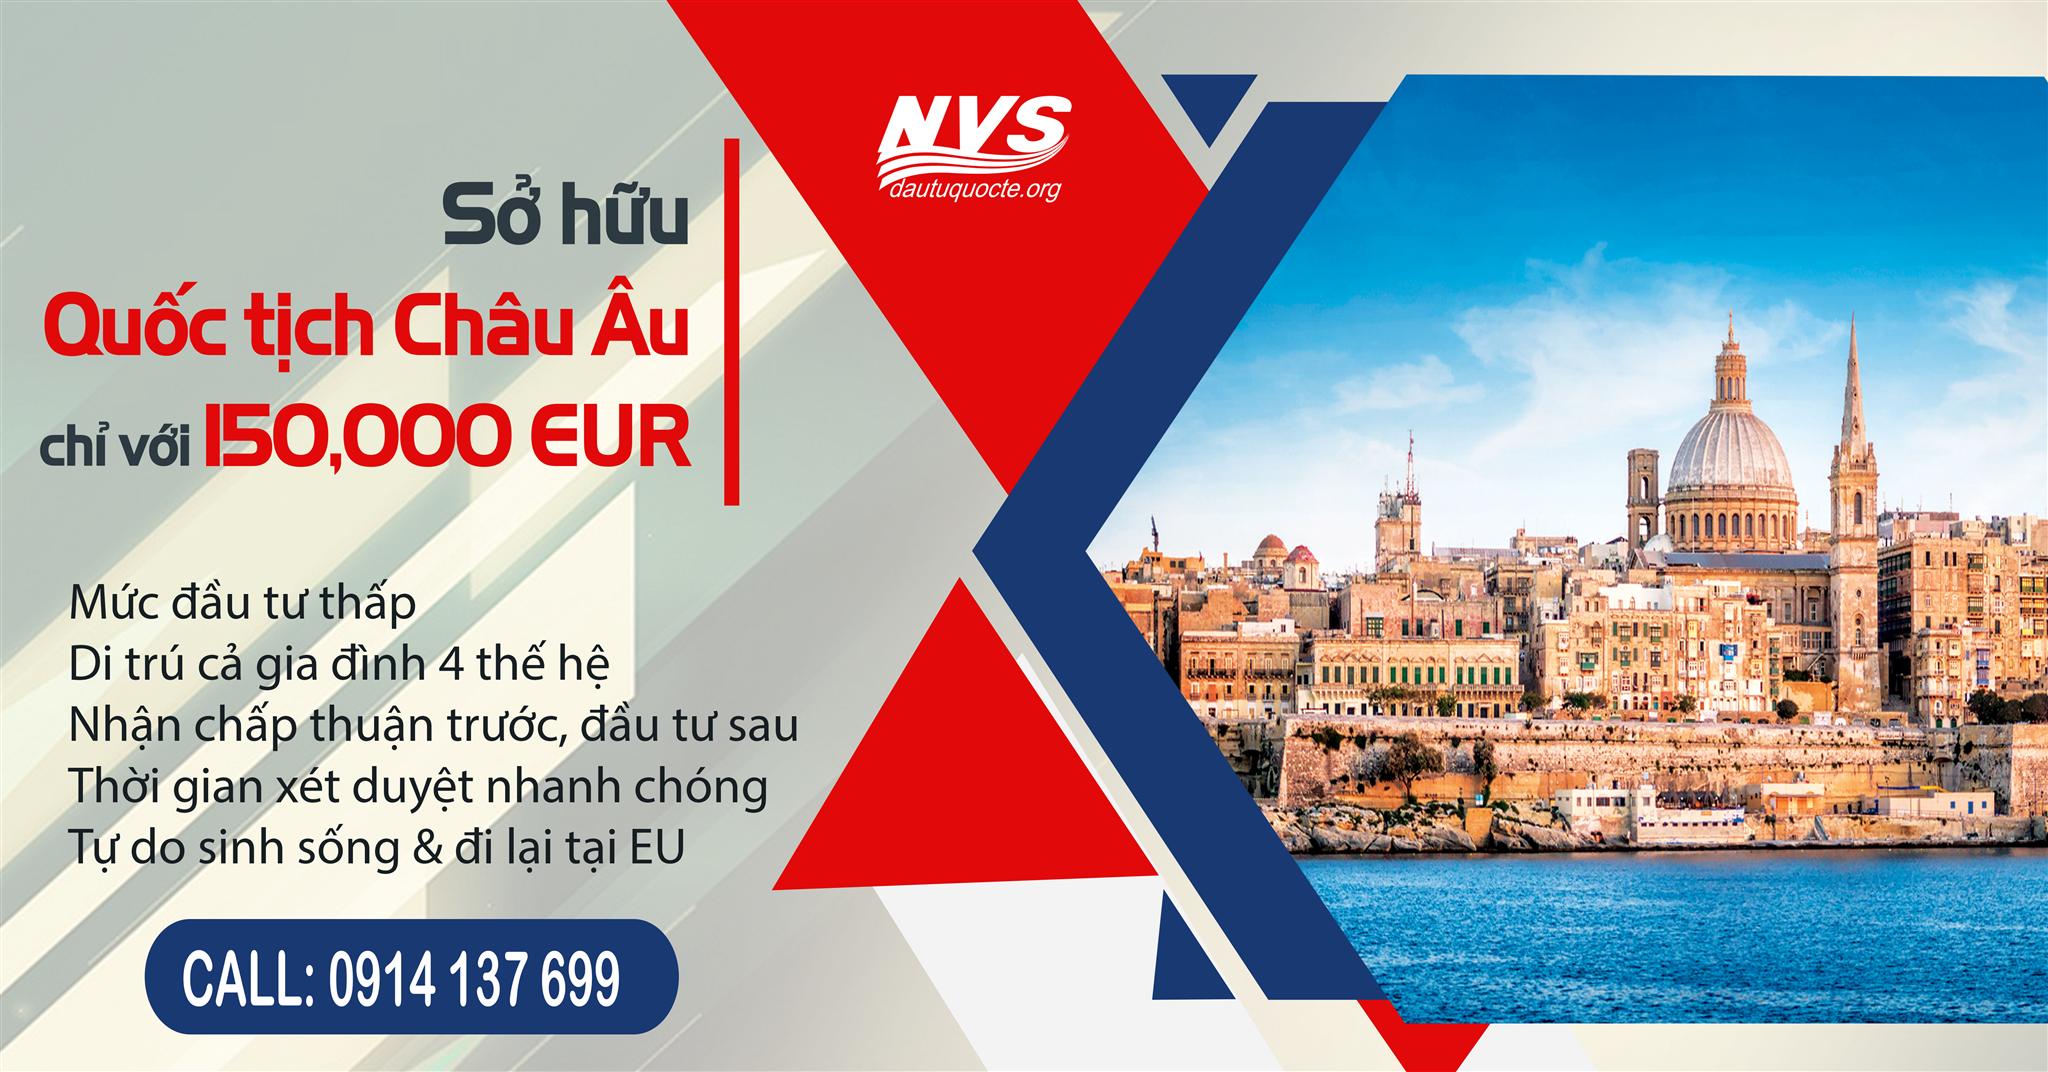 định cư Malta, sở hữu quốc tịch Châu Âu